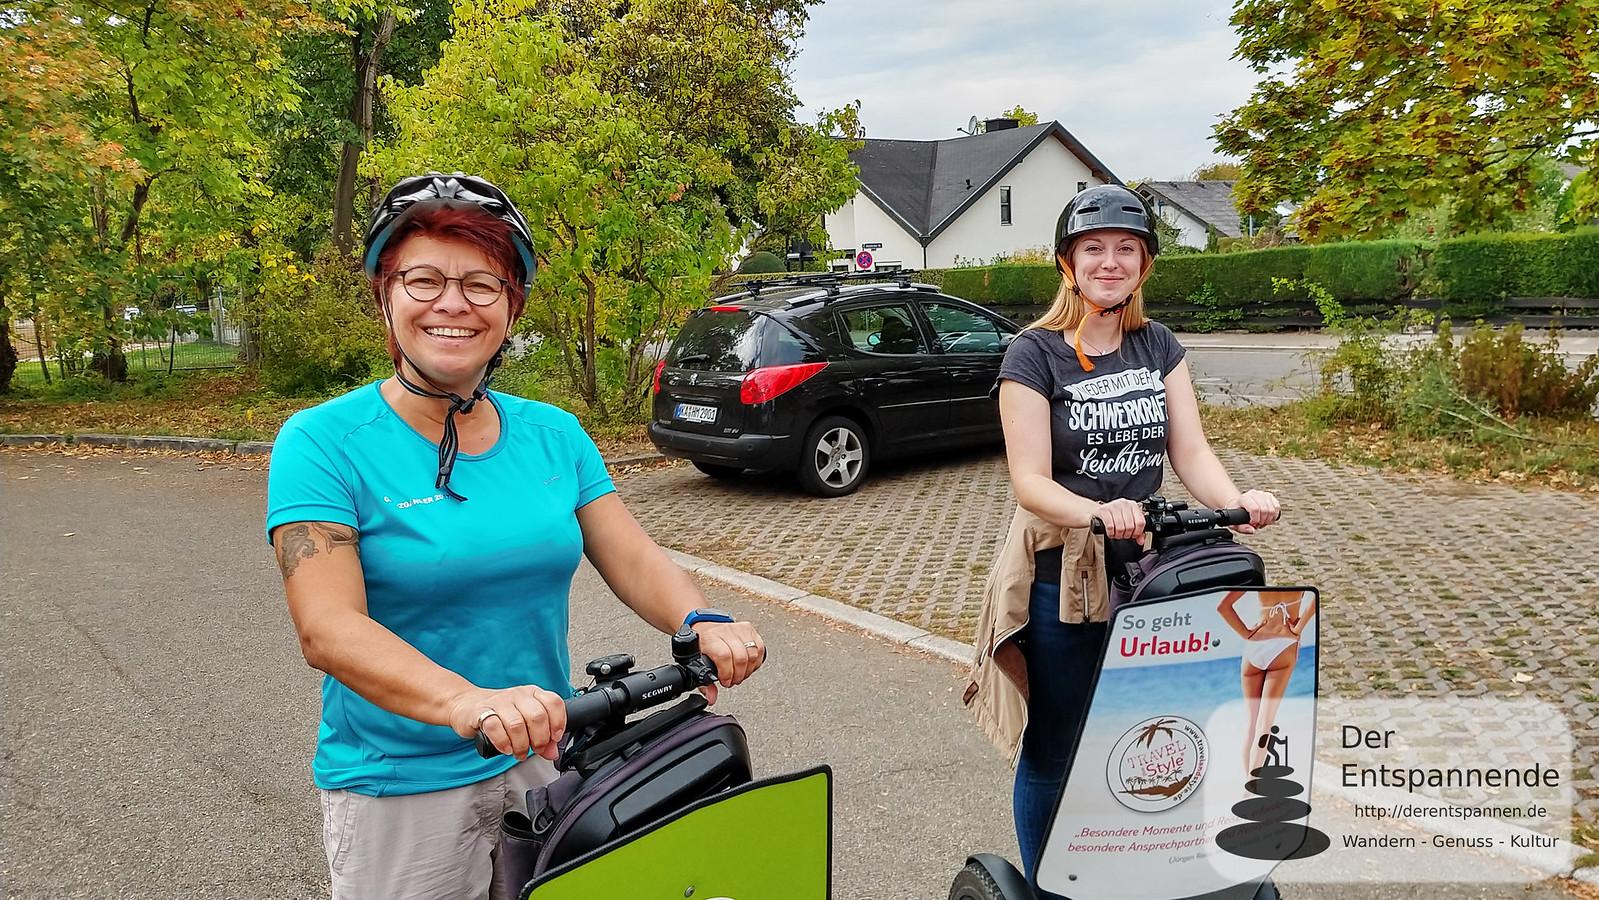 Segway-Tour mit Cityseg: Anita Becker und Julia Strickfaden